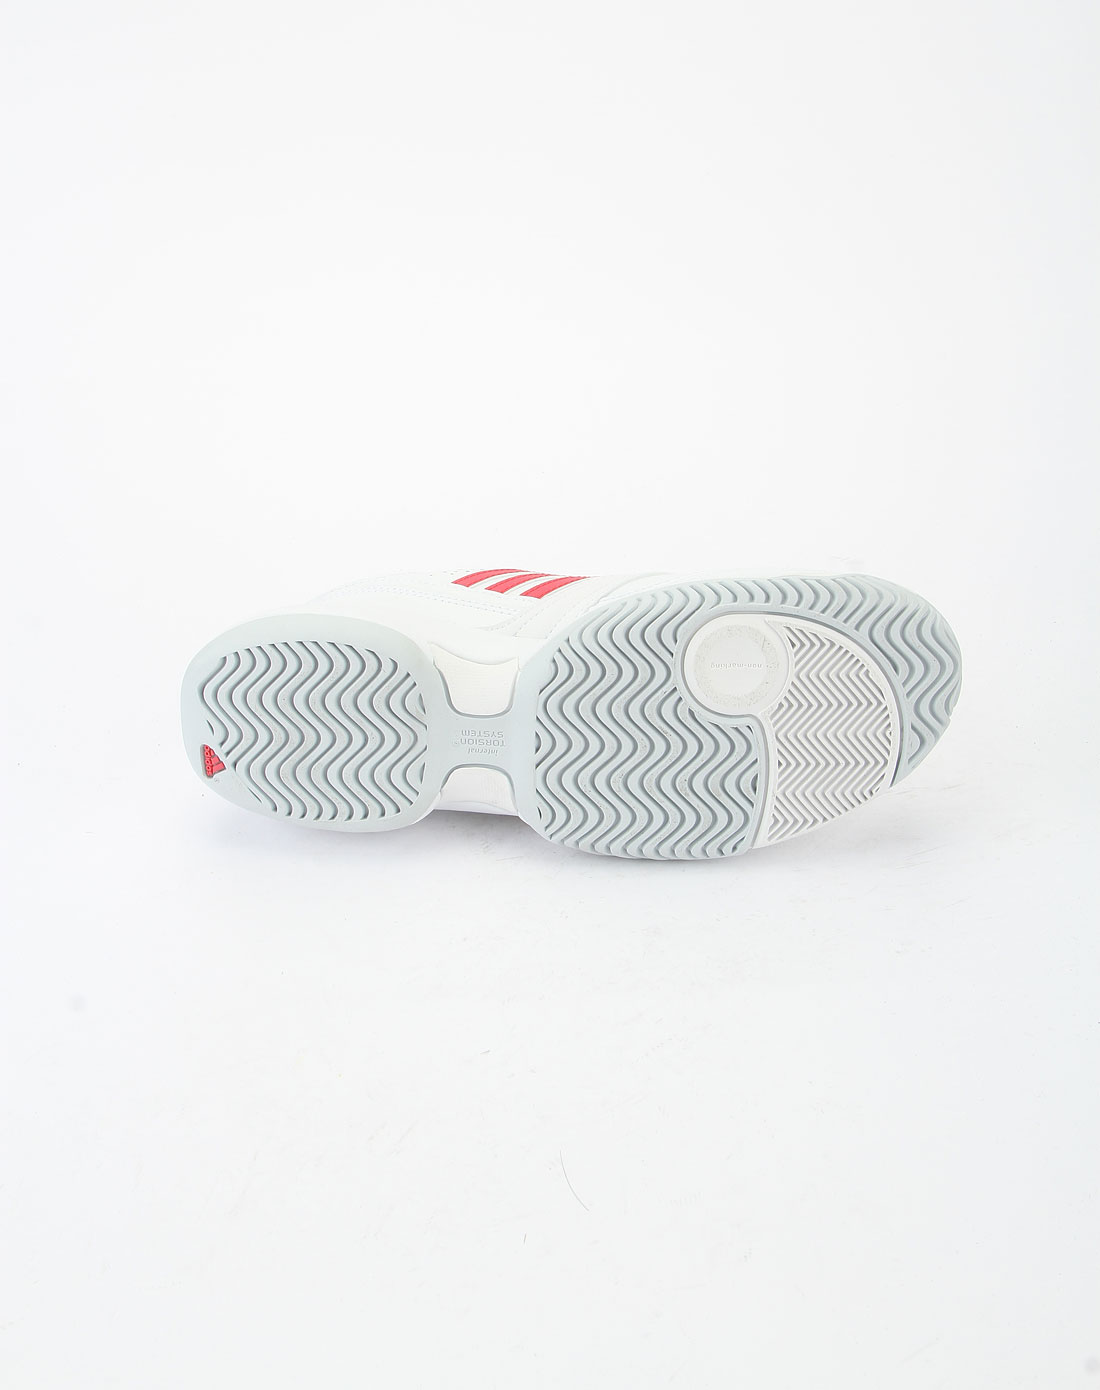 阿迪达斯adidas红色边白色底经典休闲鞋u43976